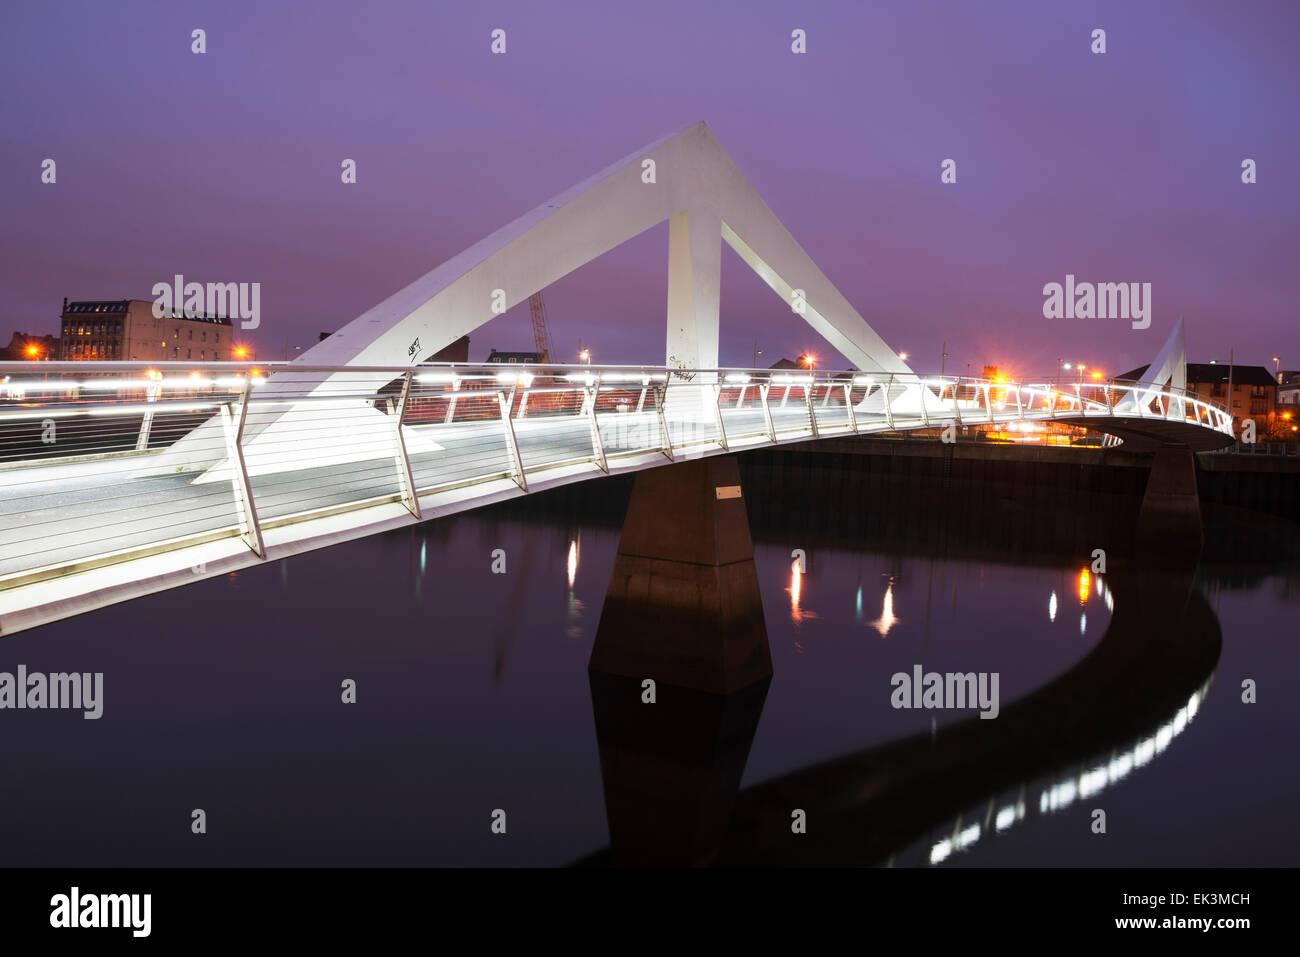 Ein Winterbild Nacht Glasgows Tradeston Brücke, bekannte lokal als Squiggly Brücke über den River Stockbild